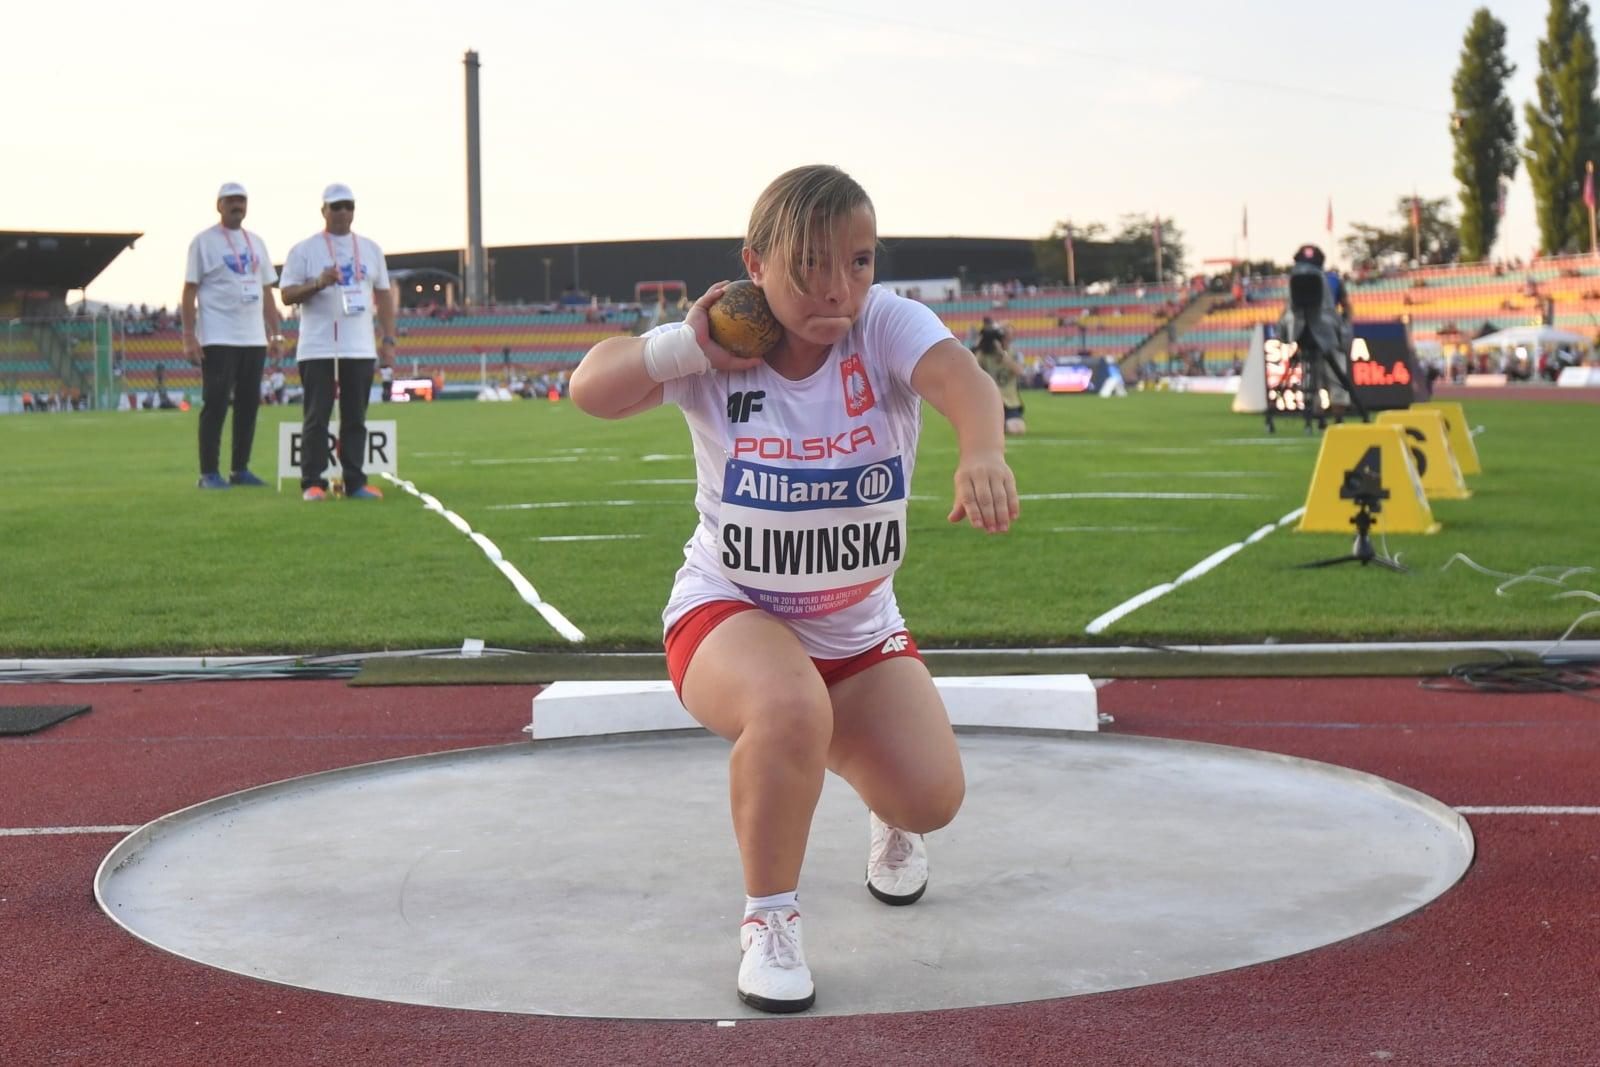 Renata Śliwińska w konkursie pchnięcia kulą (klasa F40) podczas lekkoatletycznych mistrzostw Europy osób z niepełnosprawnościami w Berlinie